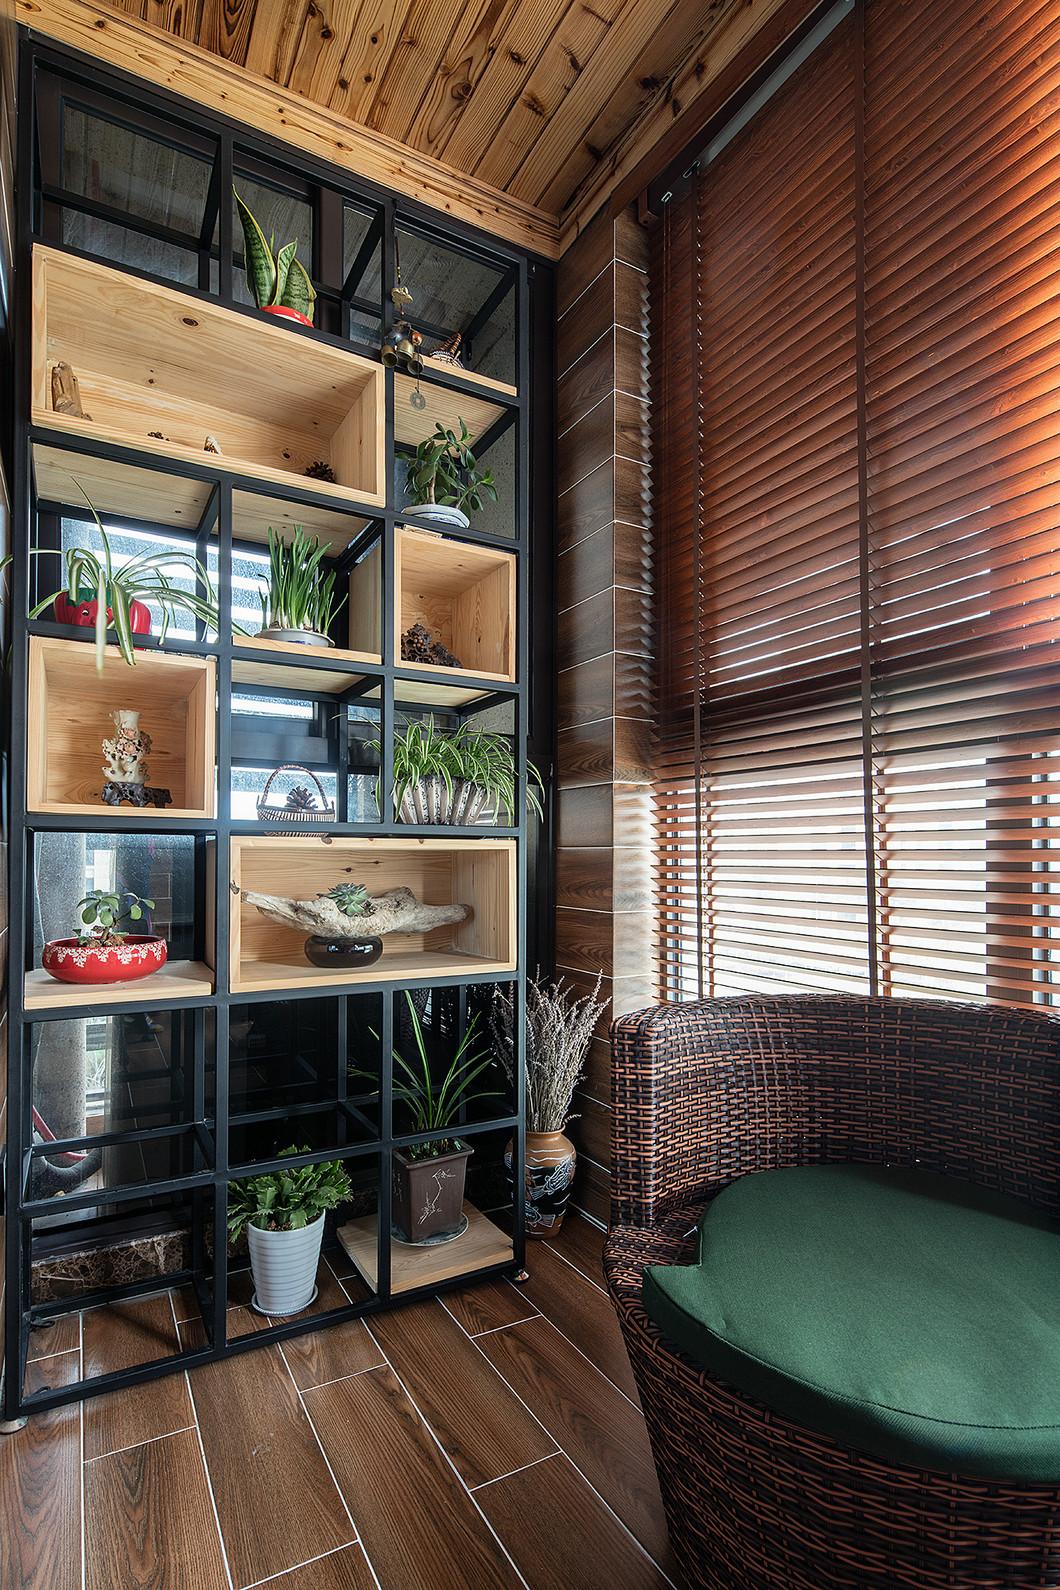 三居室美式风设计百叶窗图片